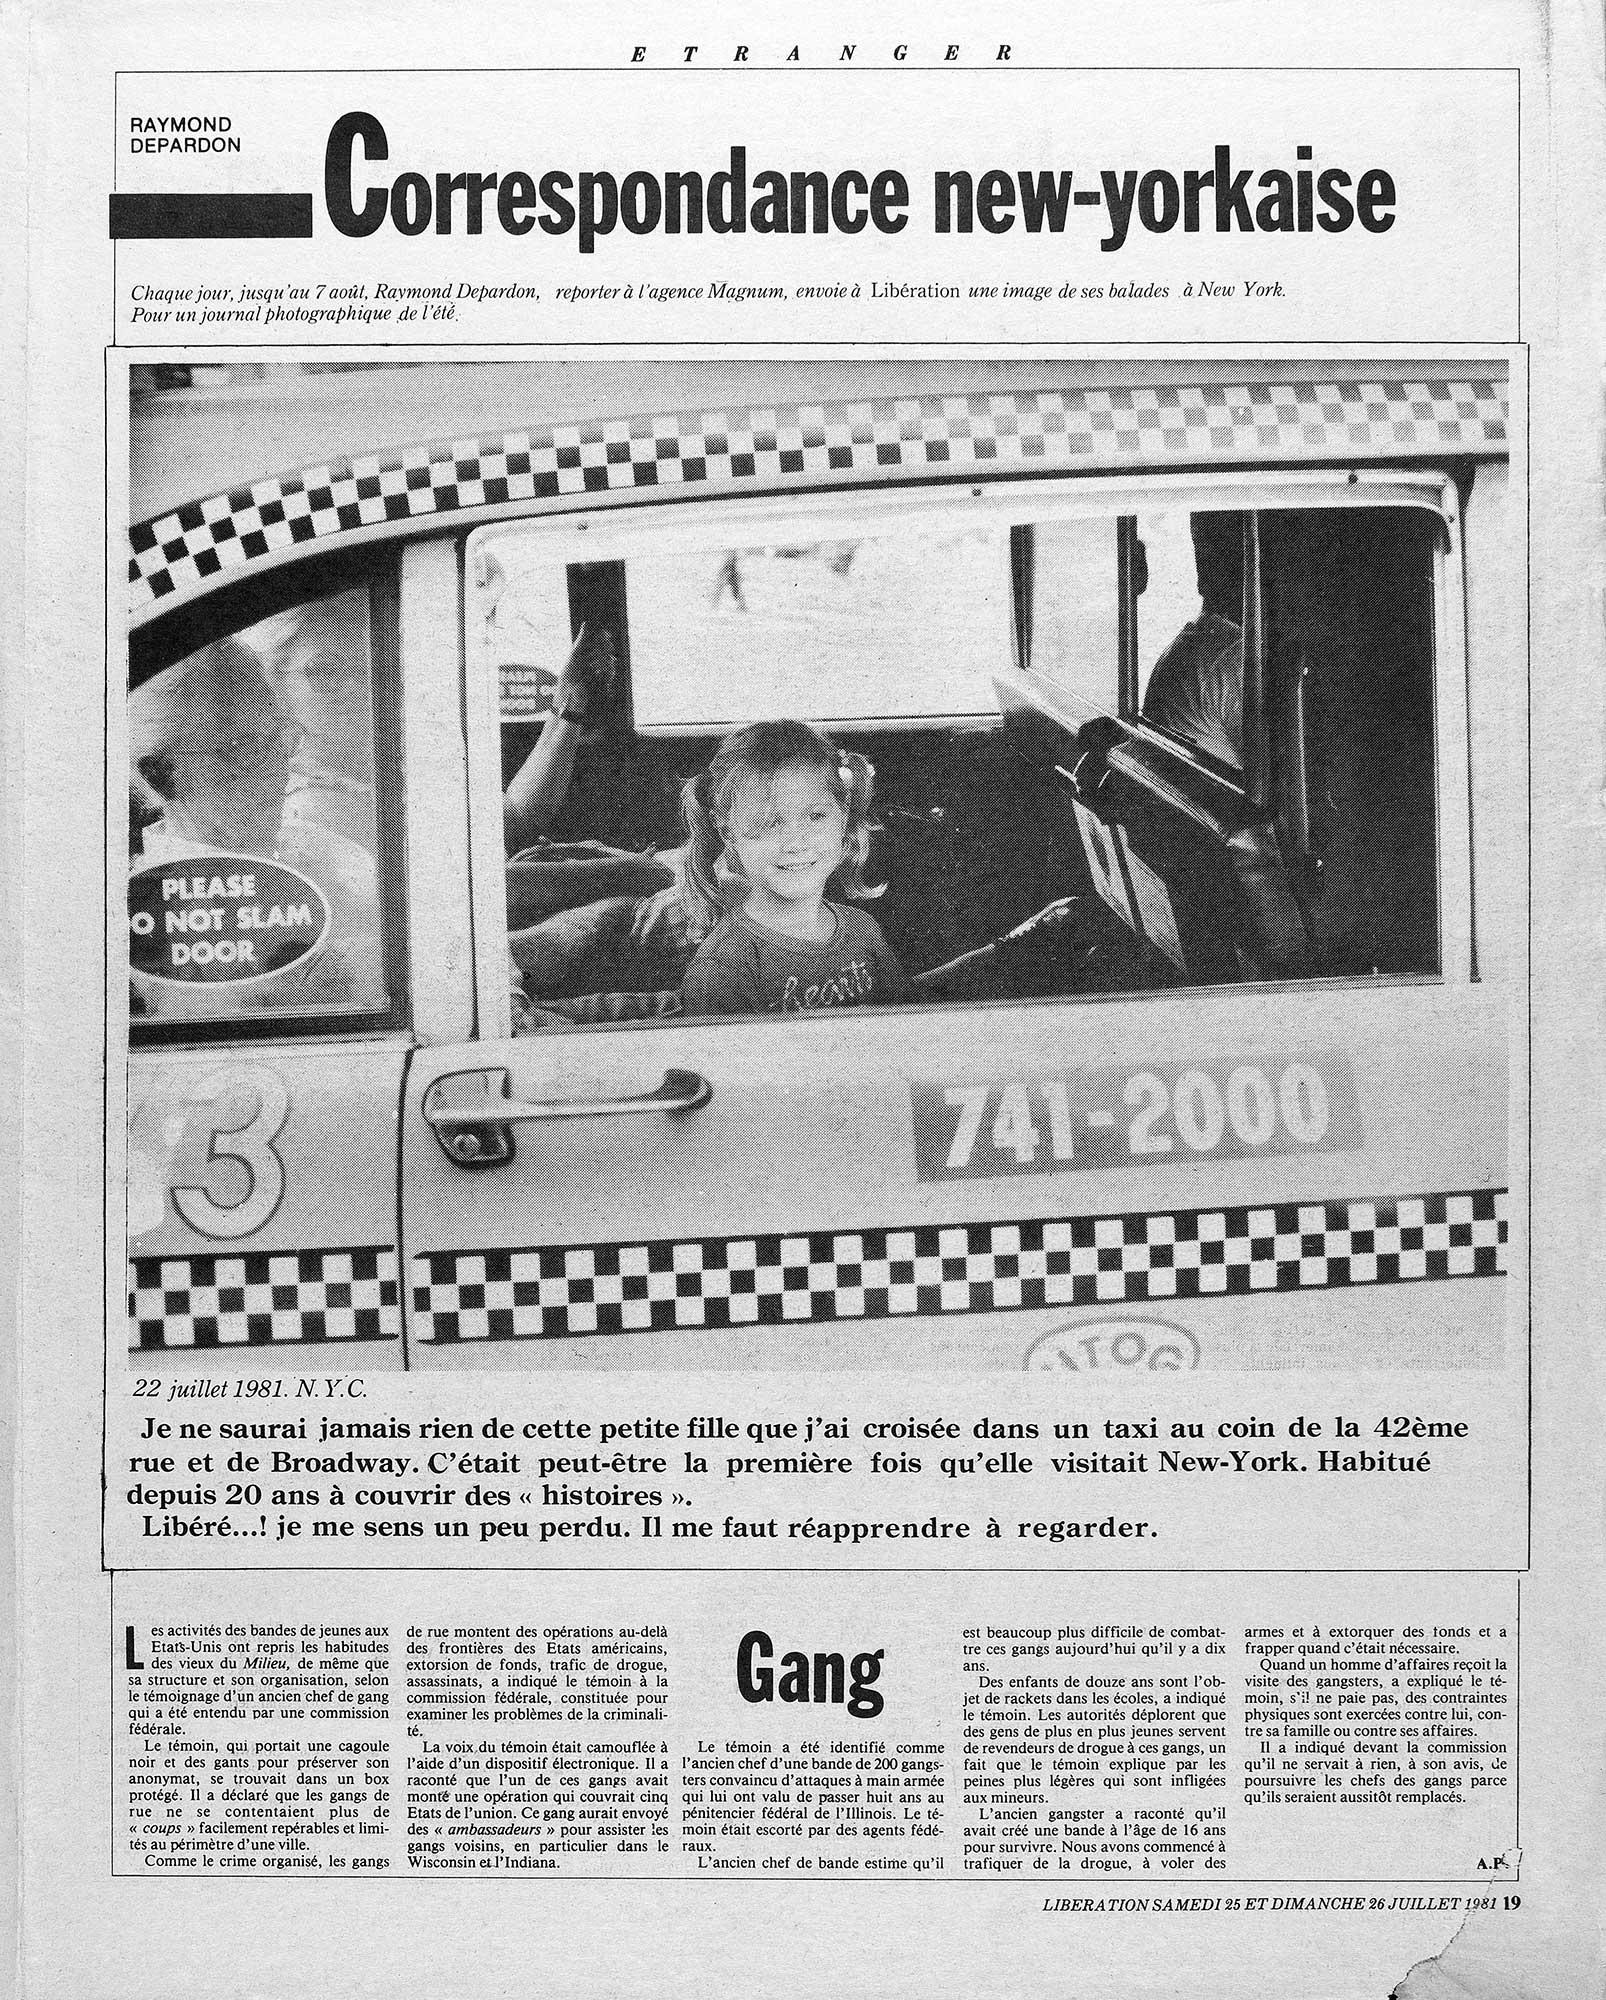 A photograph from Raymond Depardon's 1981 assignment